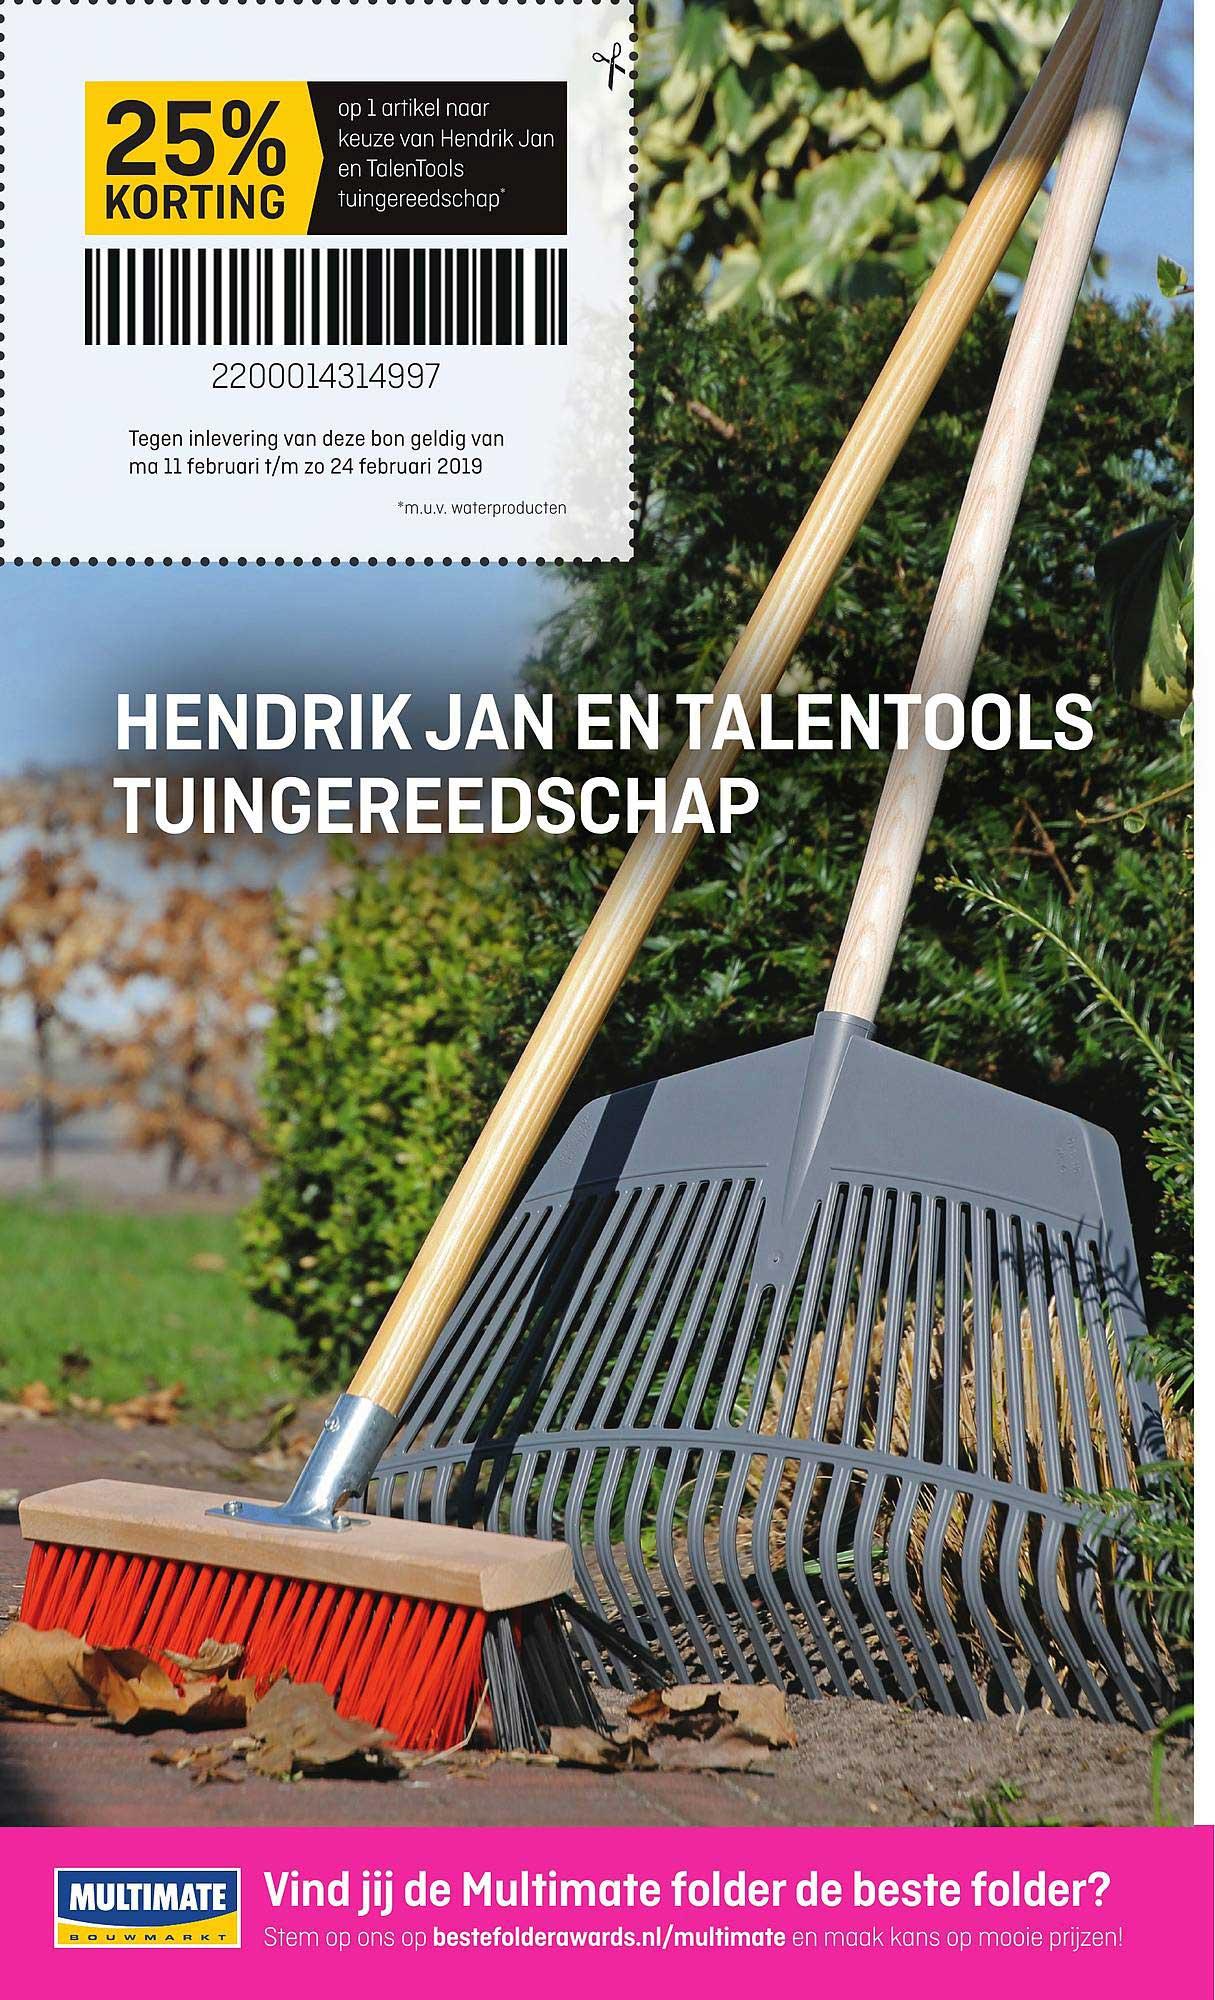 Multimate 25% Korting Op 1 Artikel Naar Keuze Van Hendrik Jan En TalenTools Tuingereedschap